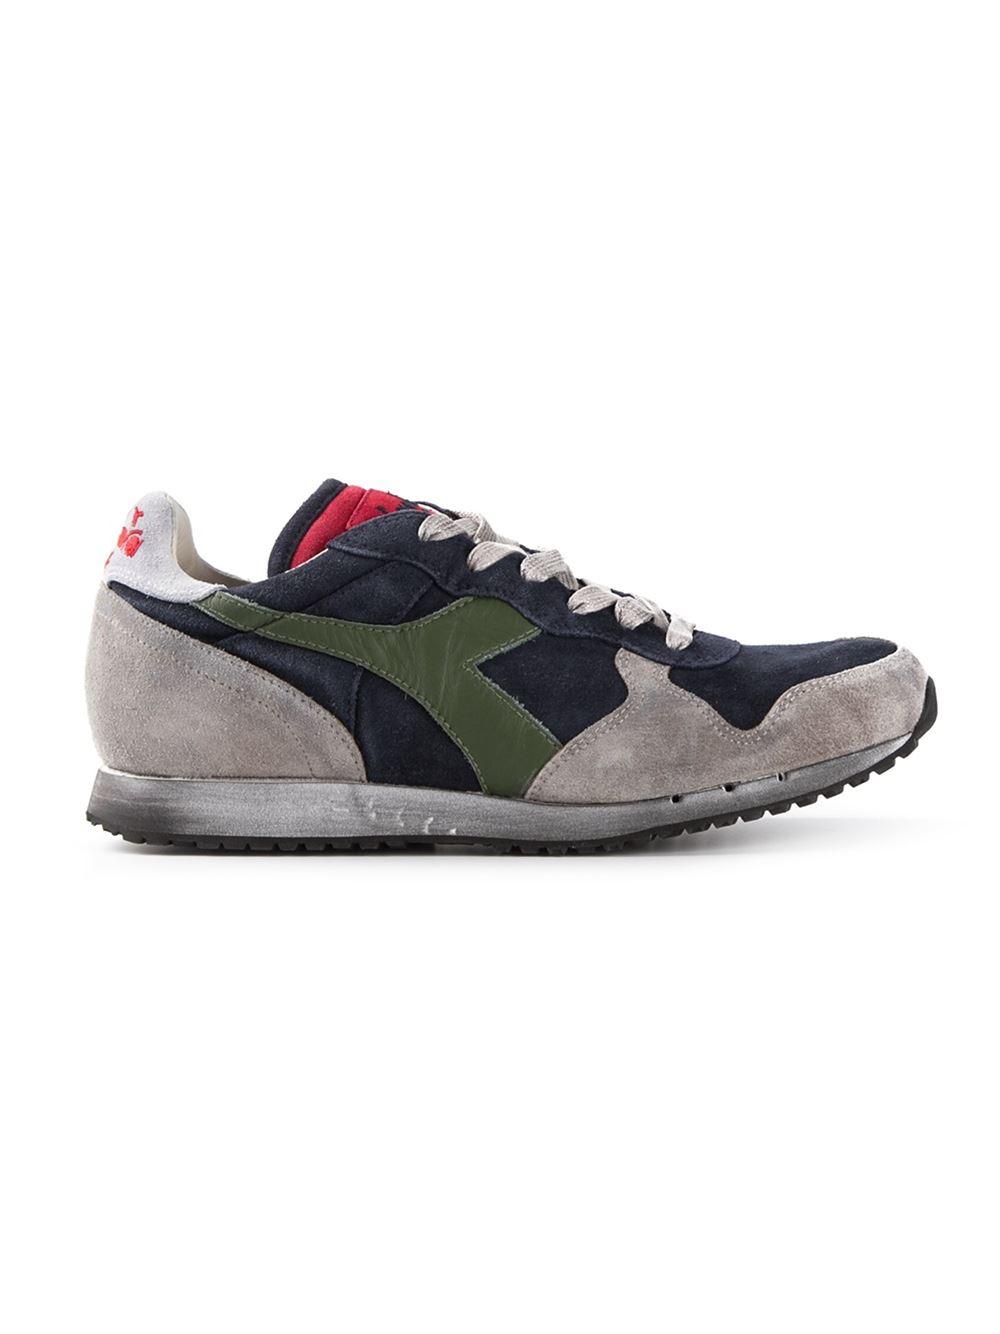 diadora sneakers - photo #5